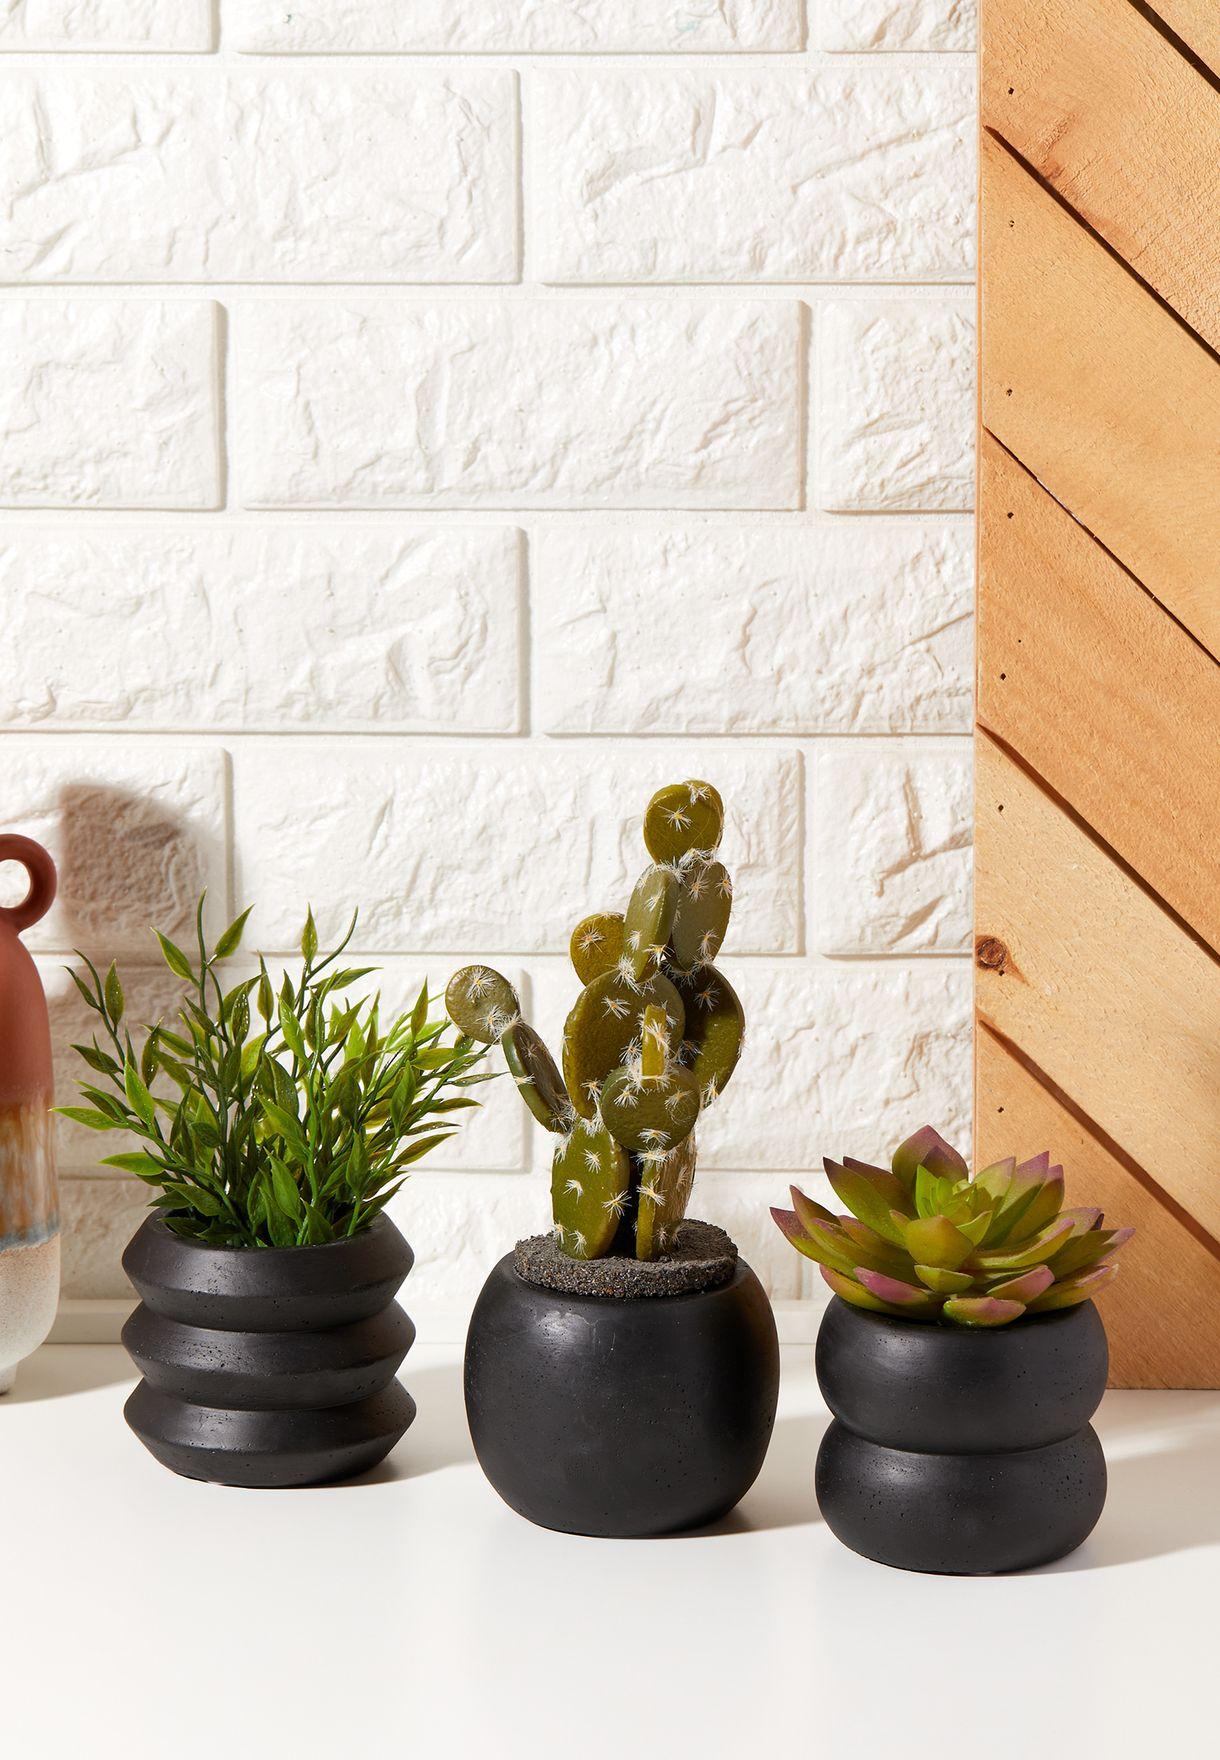 مجموعة من 3 اصيص نبات اسمنتية